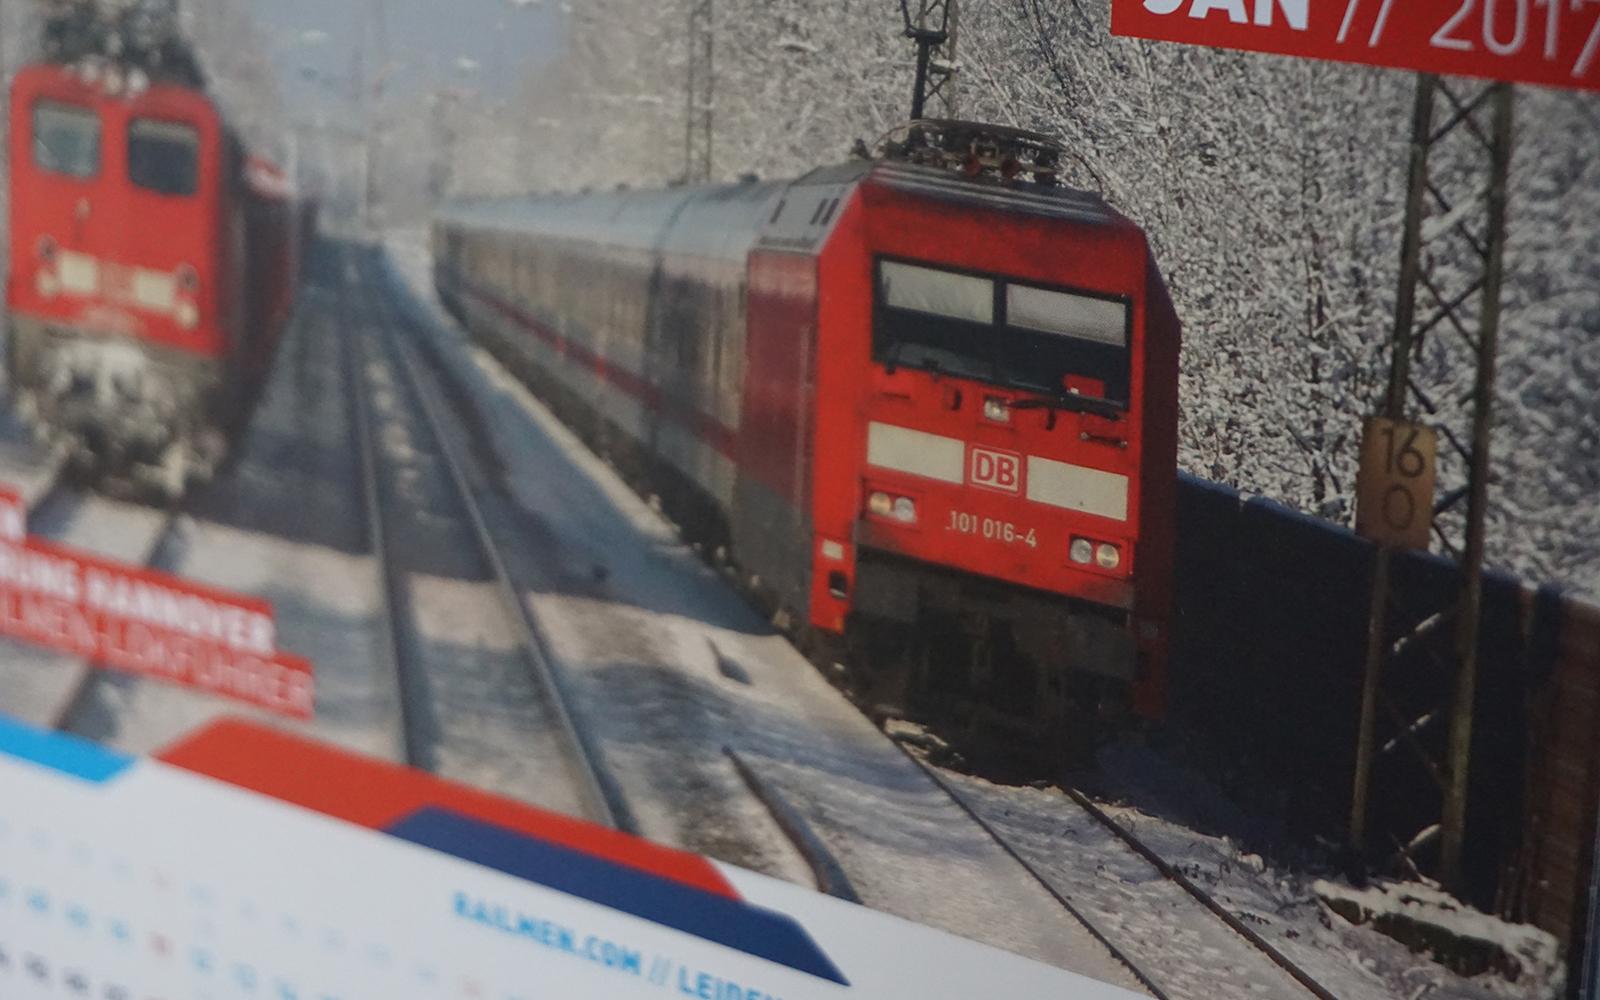 Foto: Das Titelbild des railmen-Kalenders 2017 - mit einem Motiv von railmen-Lokführer Denis Herwig. Wie immer gestalteten die railmen-Lokführer den Kalender maßgeblich durch ihre überall auf der Welt aufgenommenen Fotomotive der Bahnwelten auf normaler oder schmaler Spur, im Norden oder im Süden, in Europa oder in Übersee.